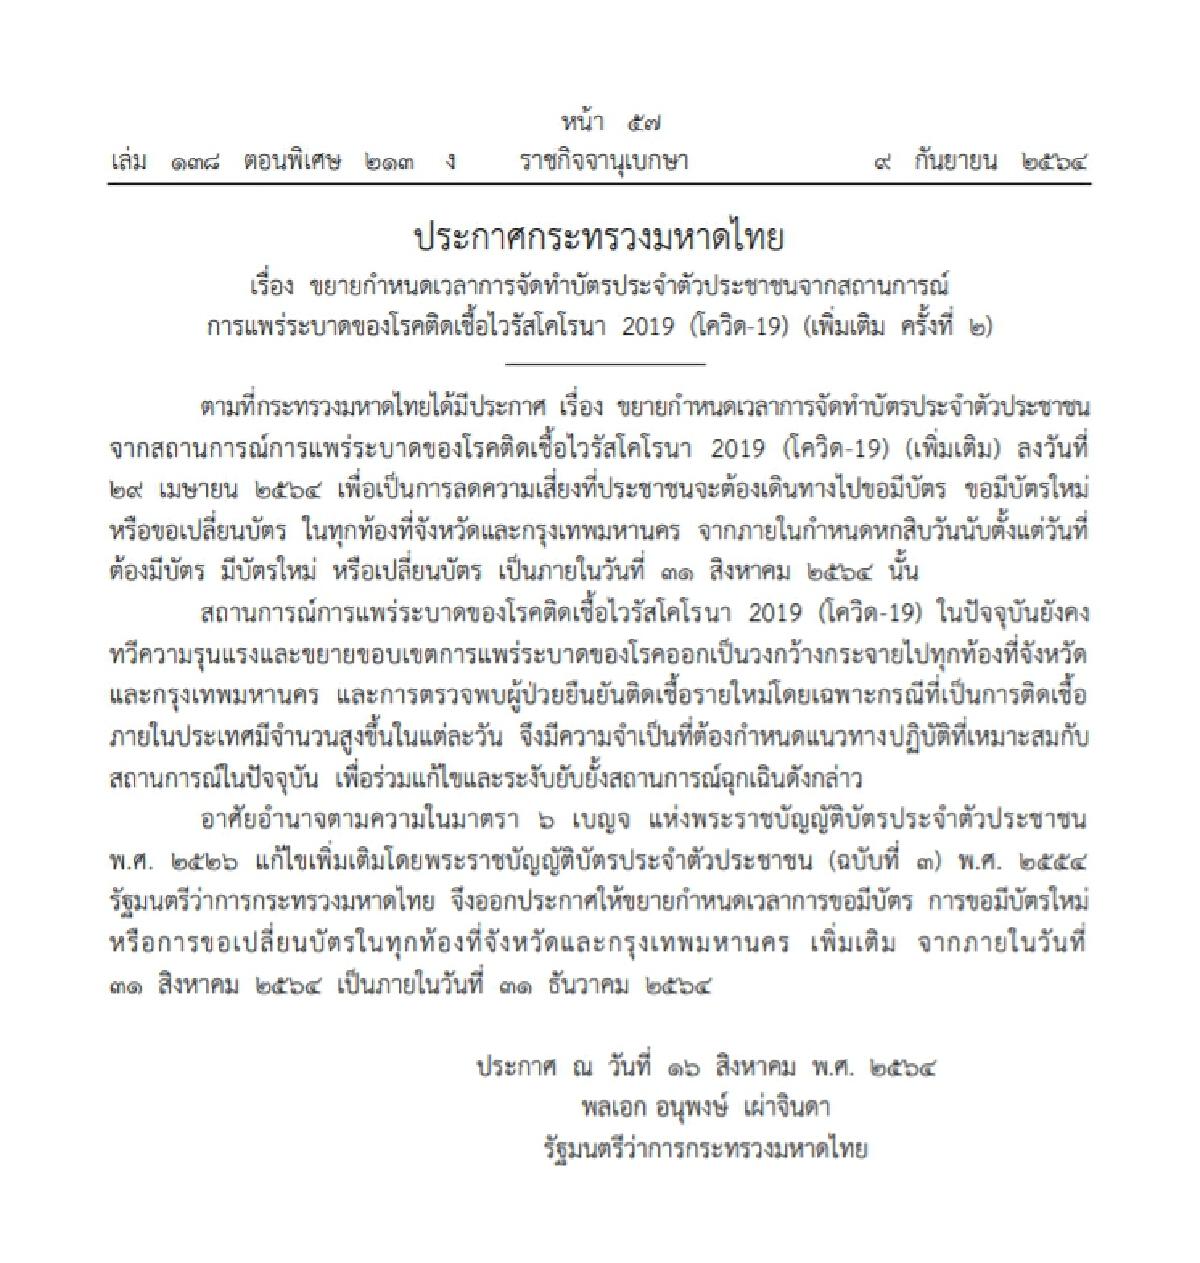 """เฮ """"ราชกิจจาฯ"""" ประกาศ กระทรวงมหาดไทยขยายเวลาทำ """"บัตรประชาชน"""" ช่วงโควิด-19"""